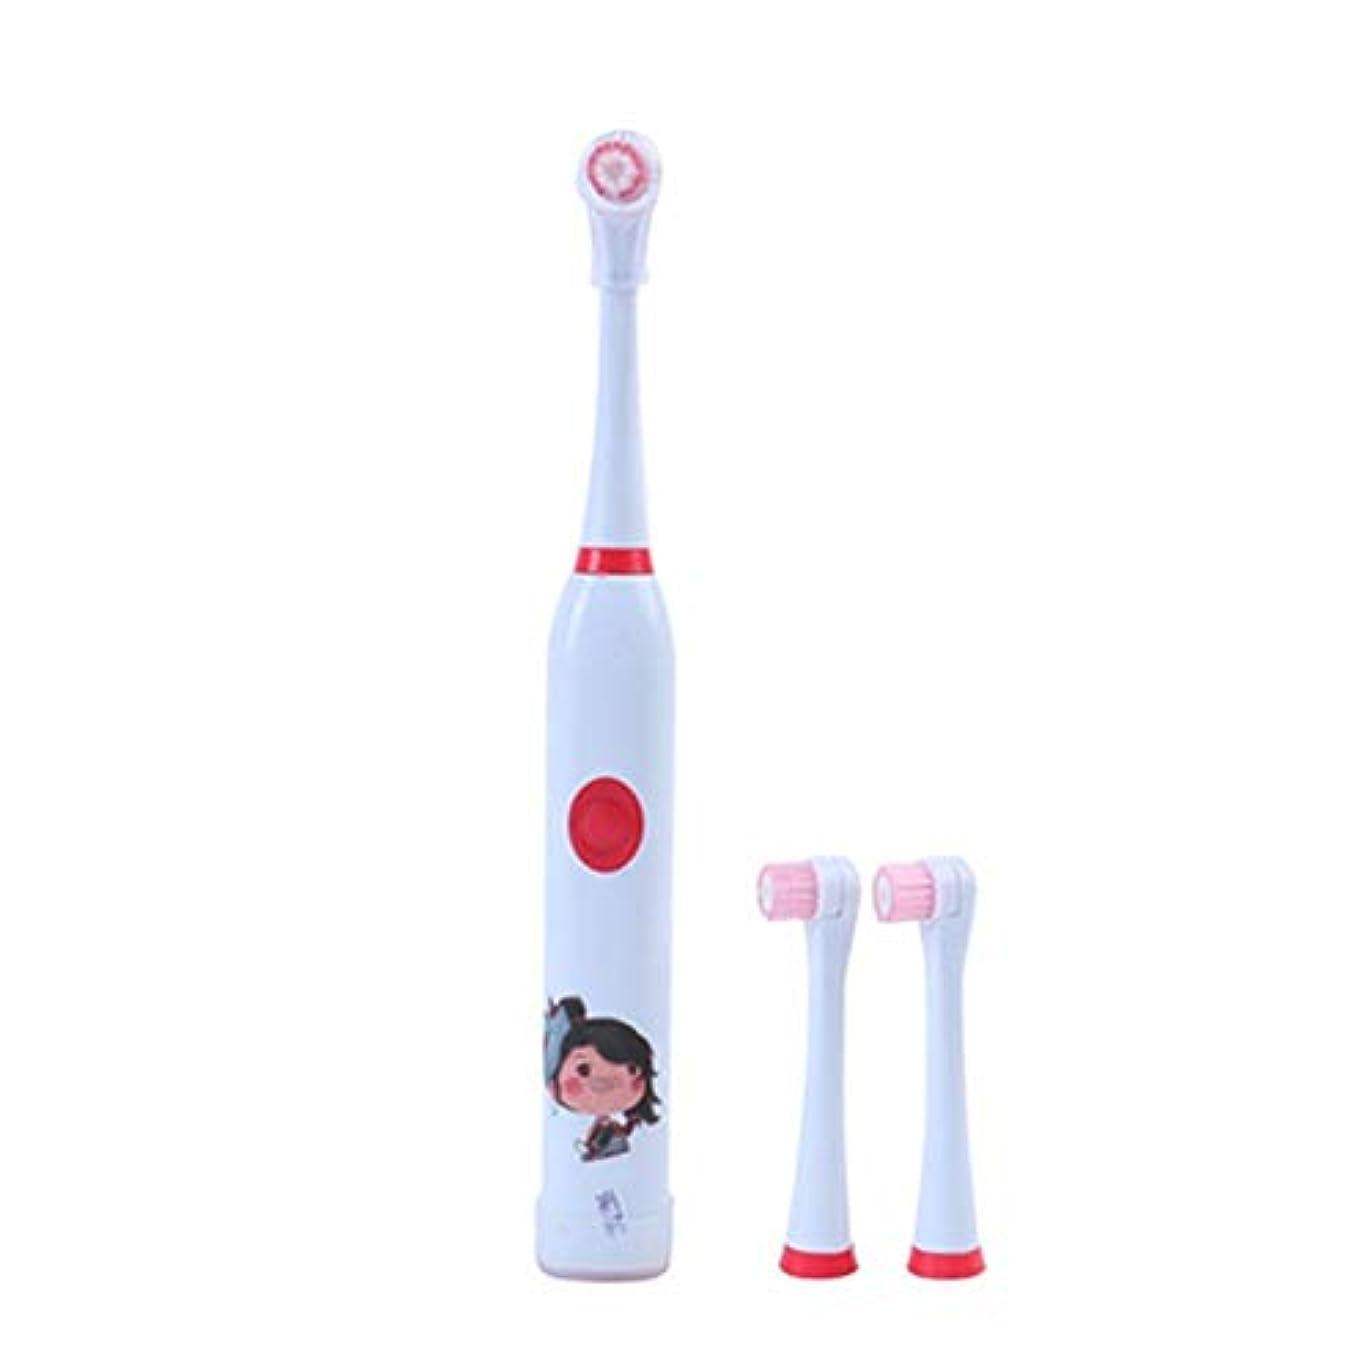 センチメートル生クライアント電動歯ブラシ 毎日の使用のための子供の電動歯ブラシUSB充電式ホワイトニング歯ブラシ 大人と子供向け (色 : 赤, サイズ : Free size)